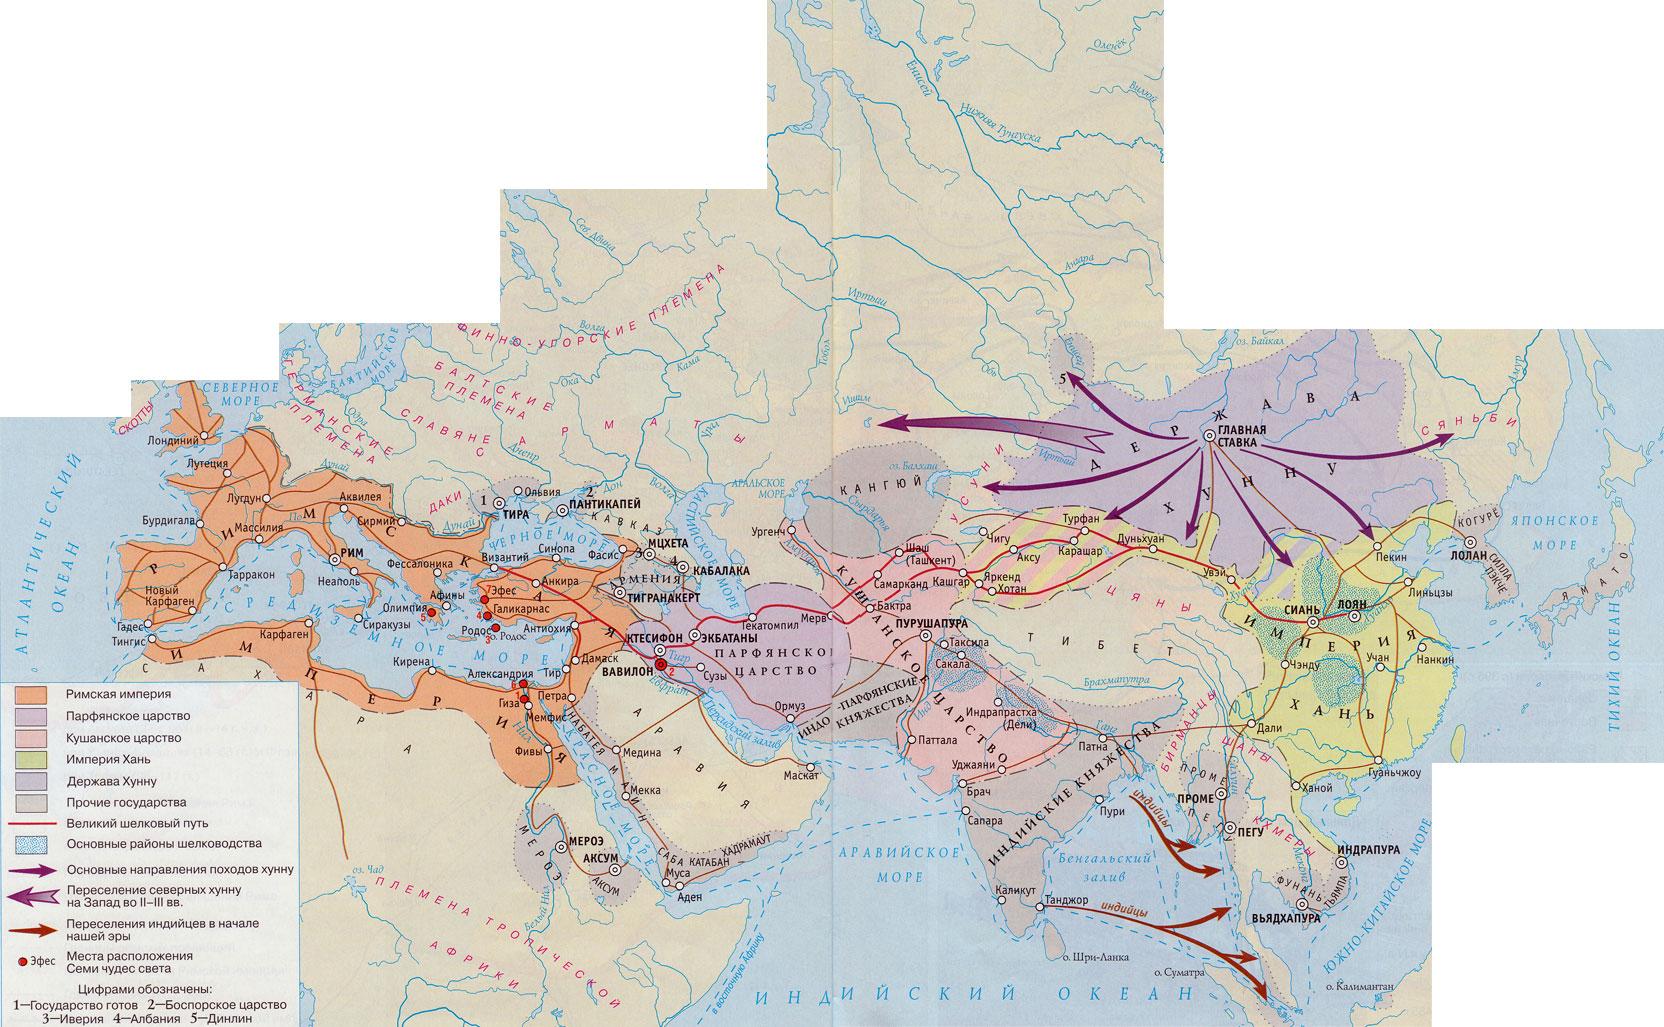 схема древнего шелкового пути